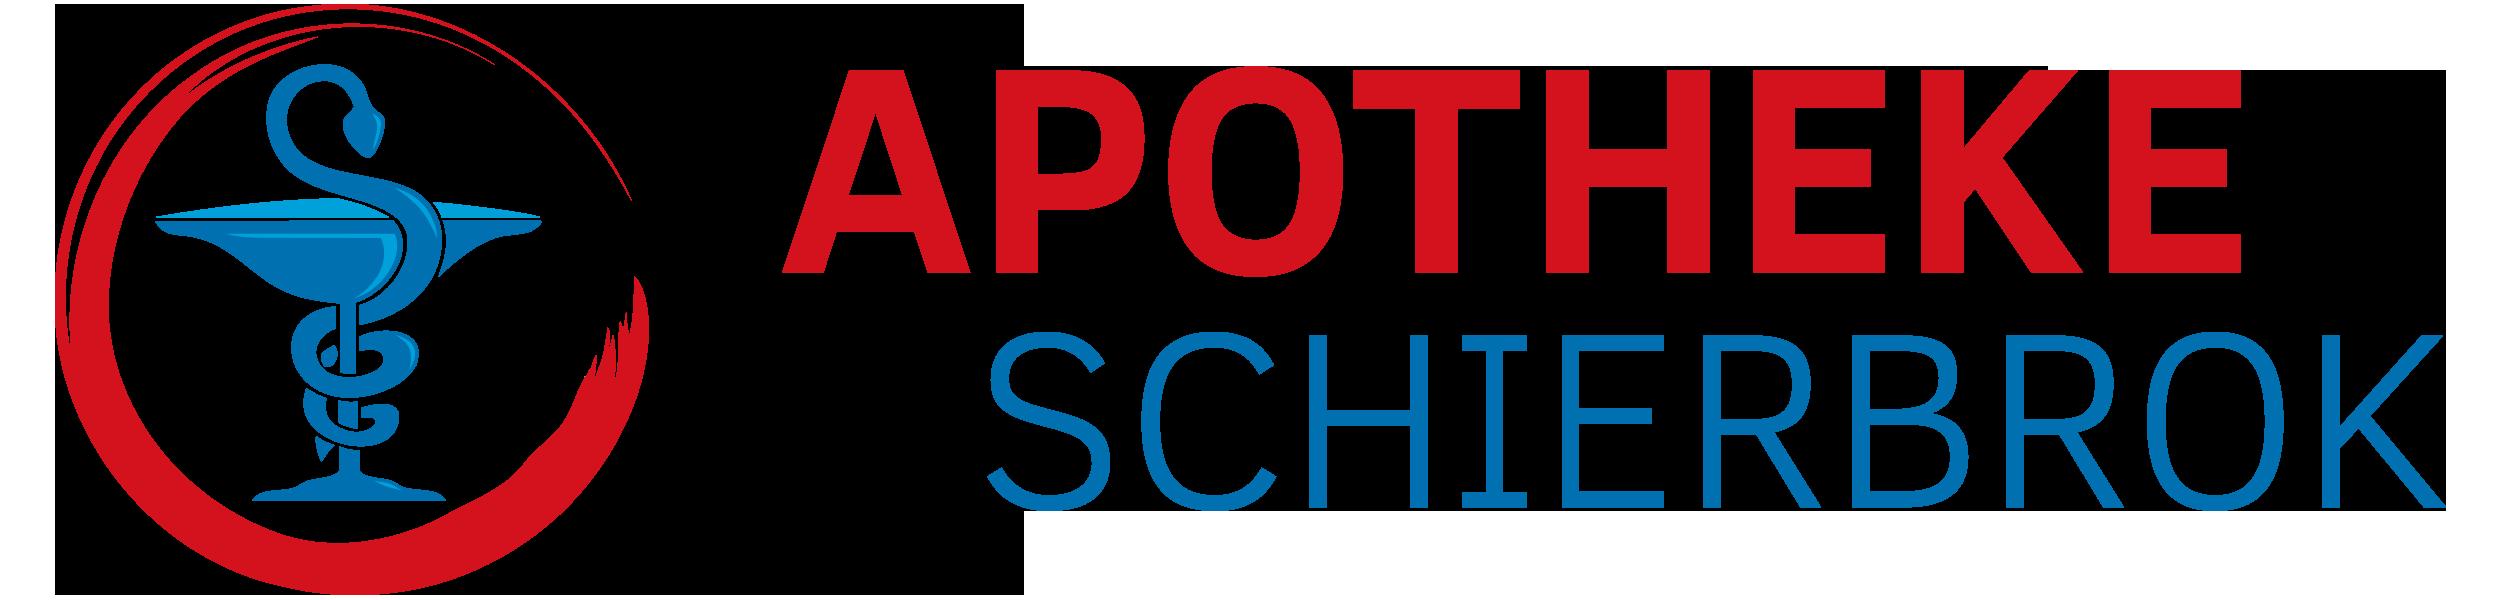 Logo der Apotheke Schierbrok